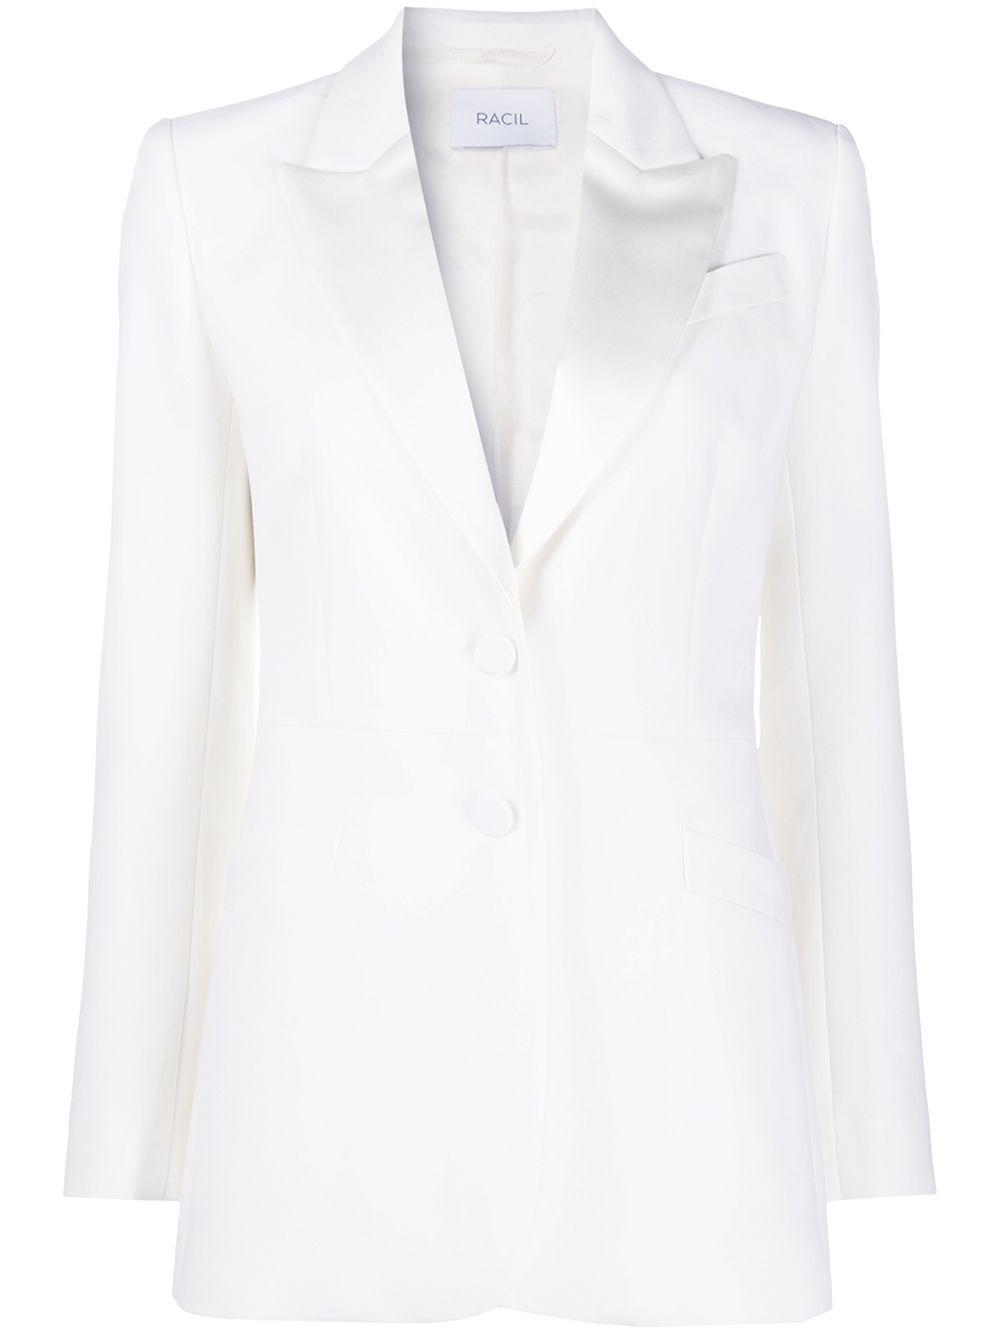 Edward Single Breasted Tuxedo Jacket Item # RS10-J10-W